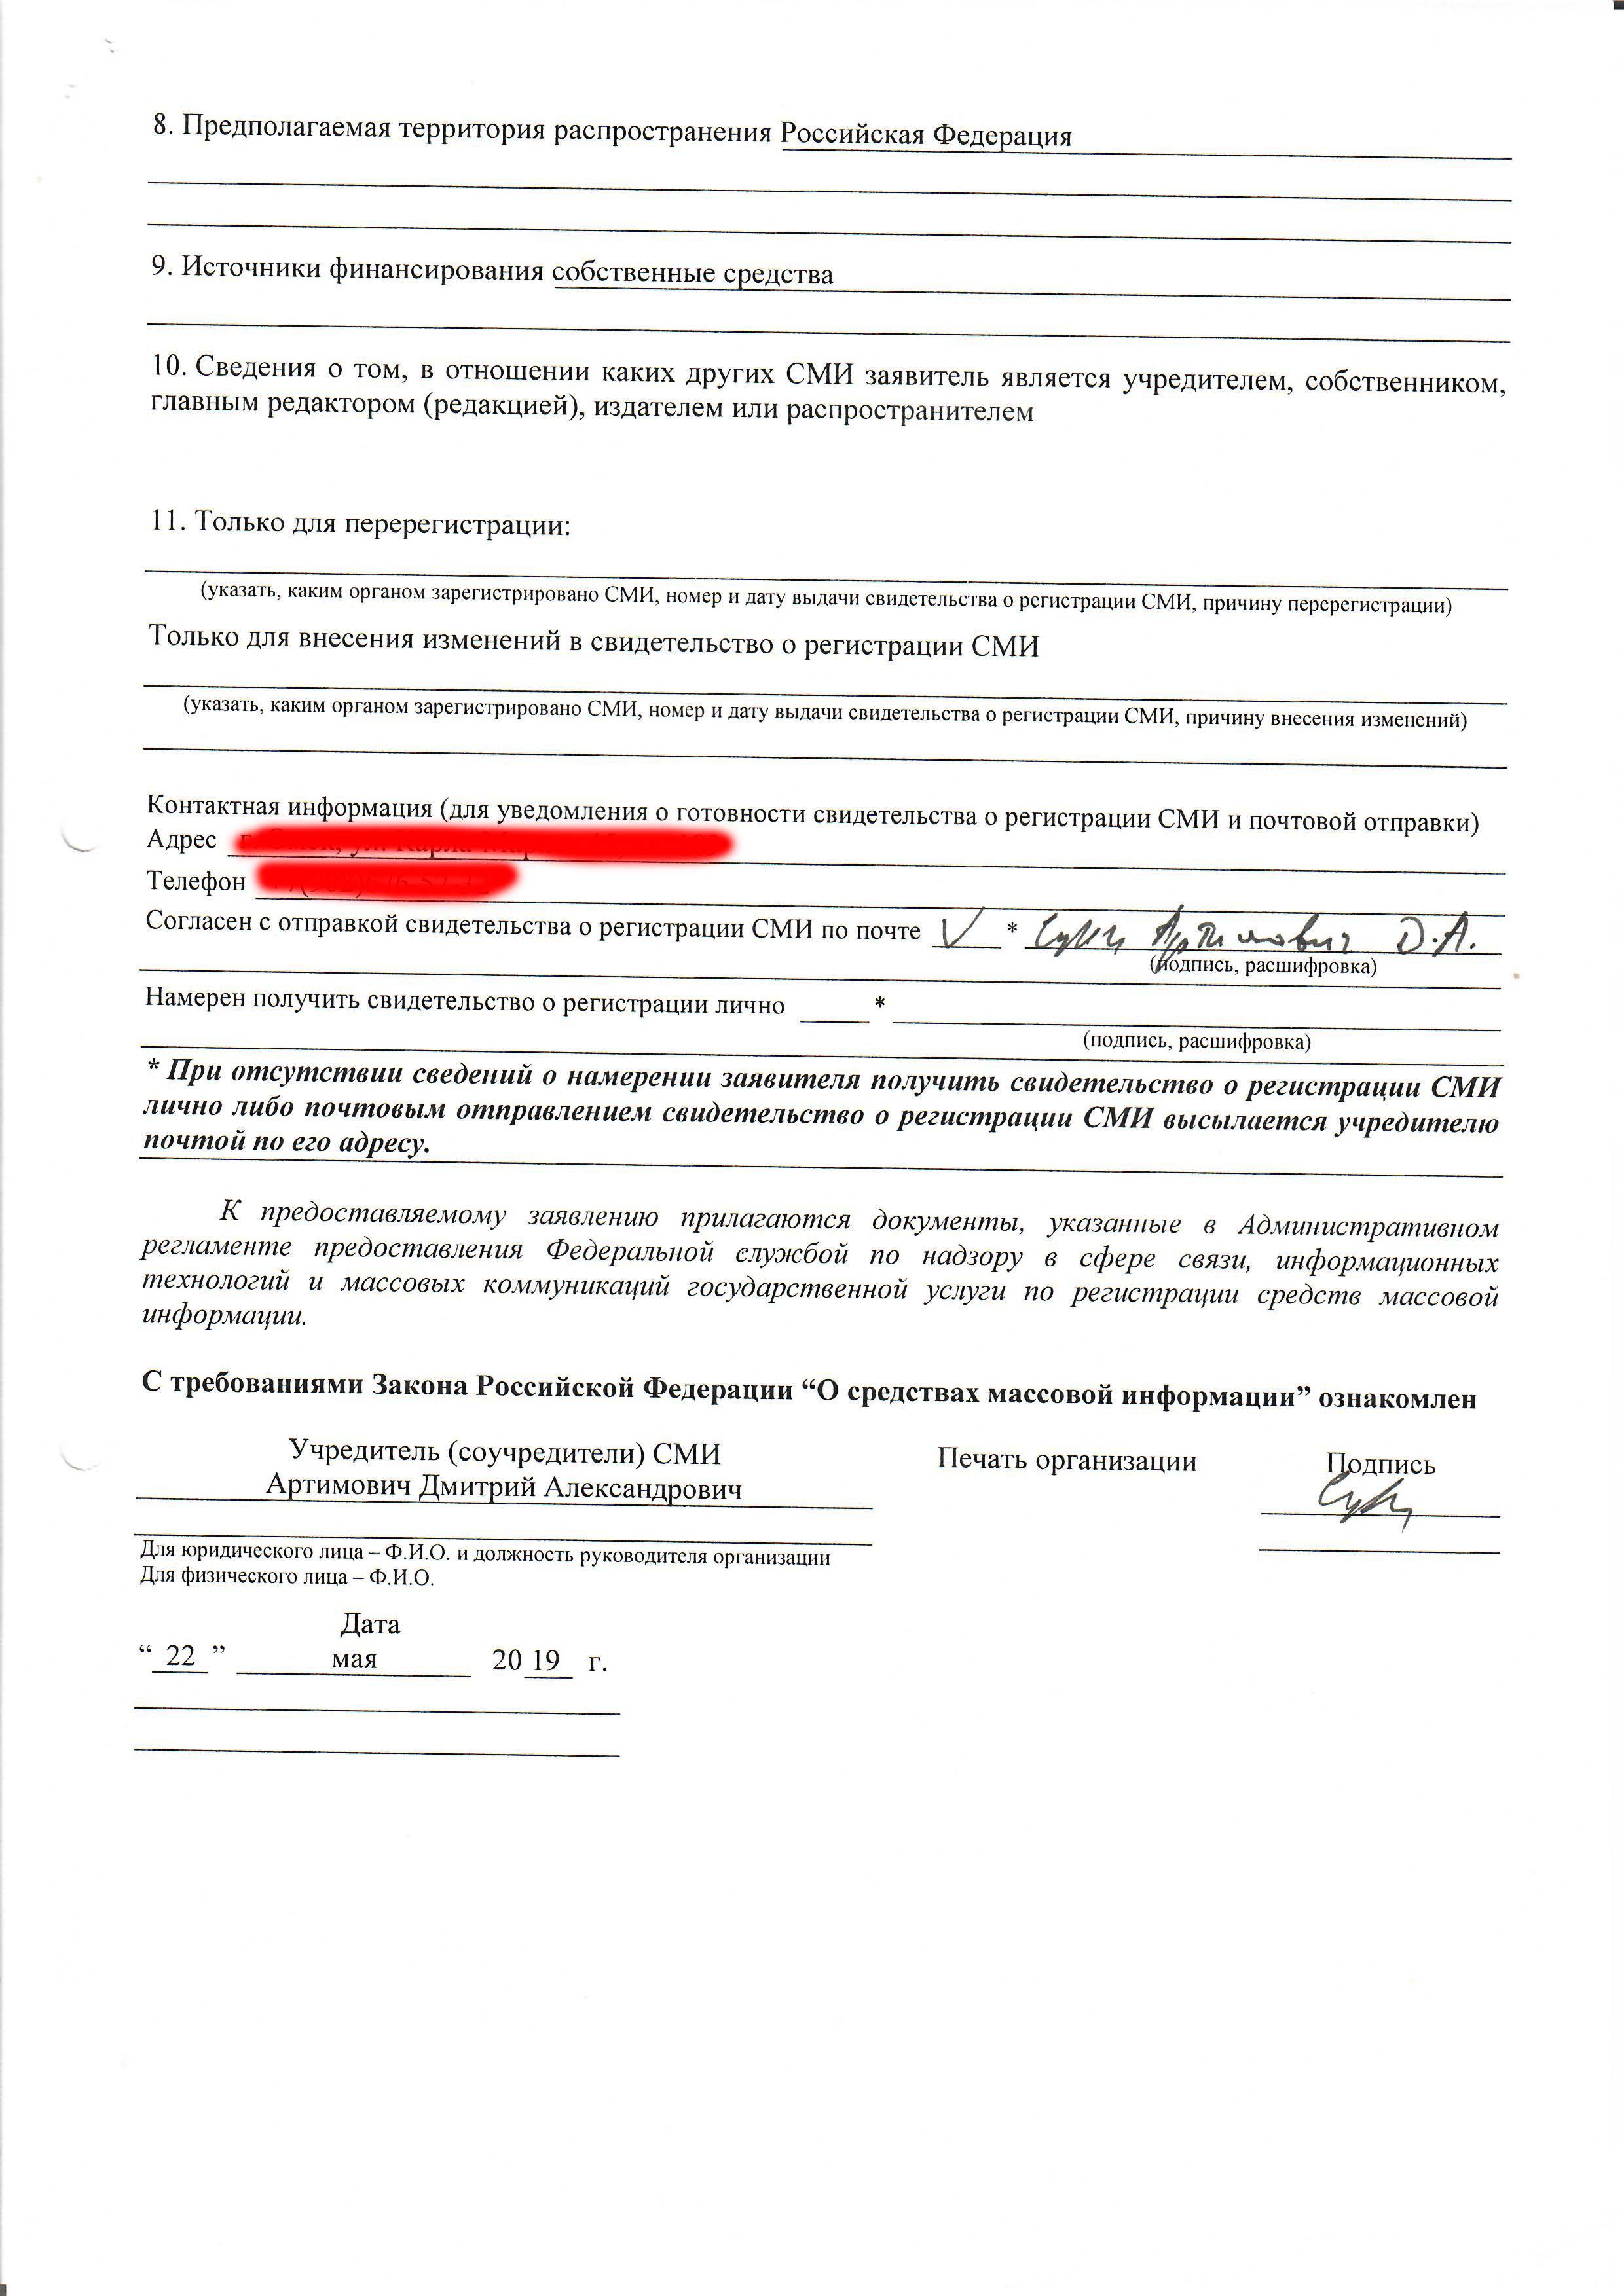 Пробовали ли вы зарегистрировать свой сайт как сетевое издание в Роскомнадзоре? - 9